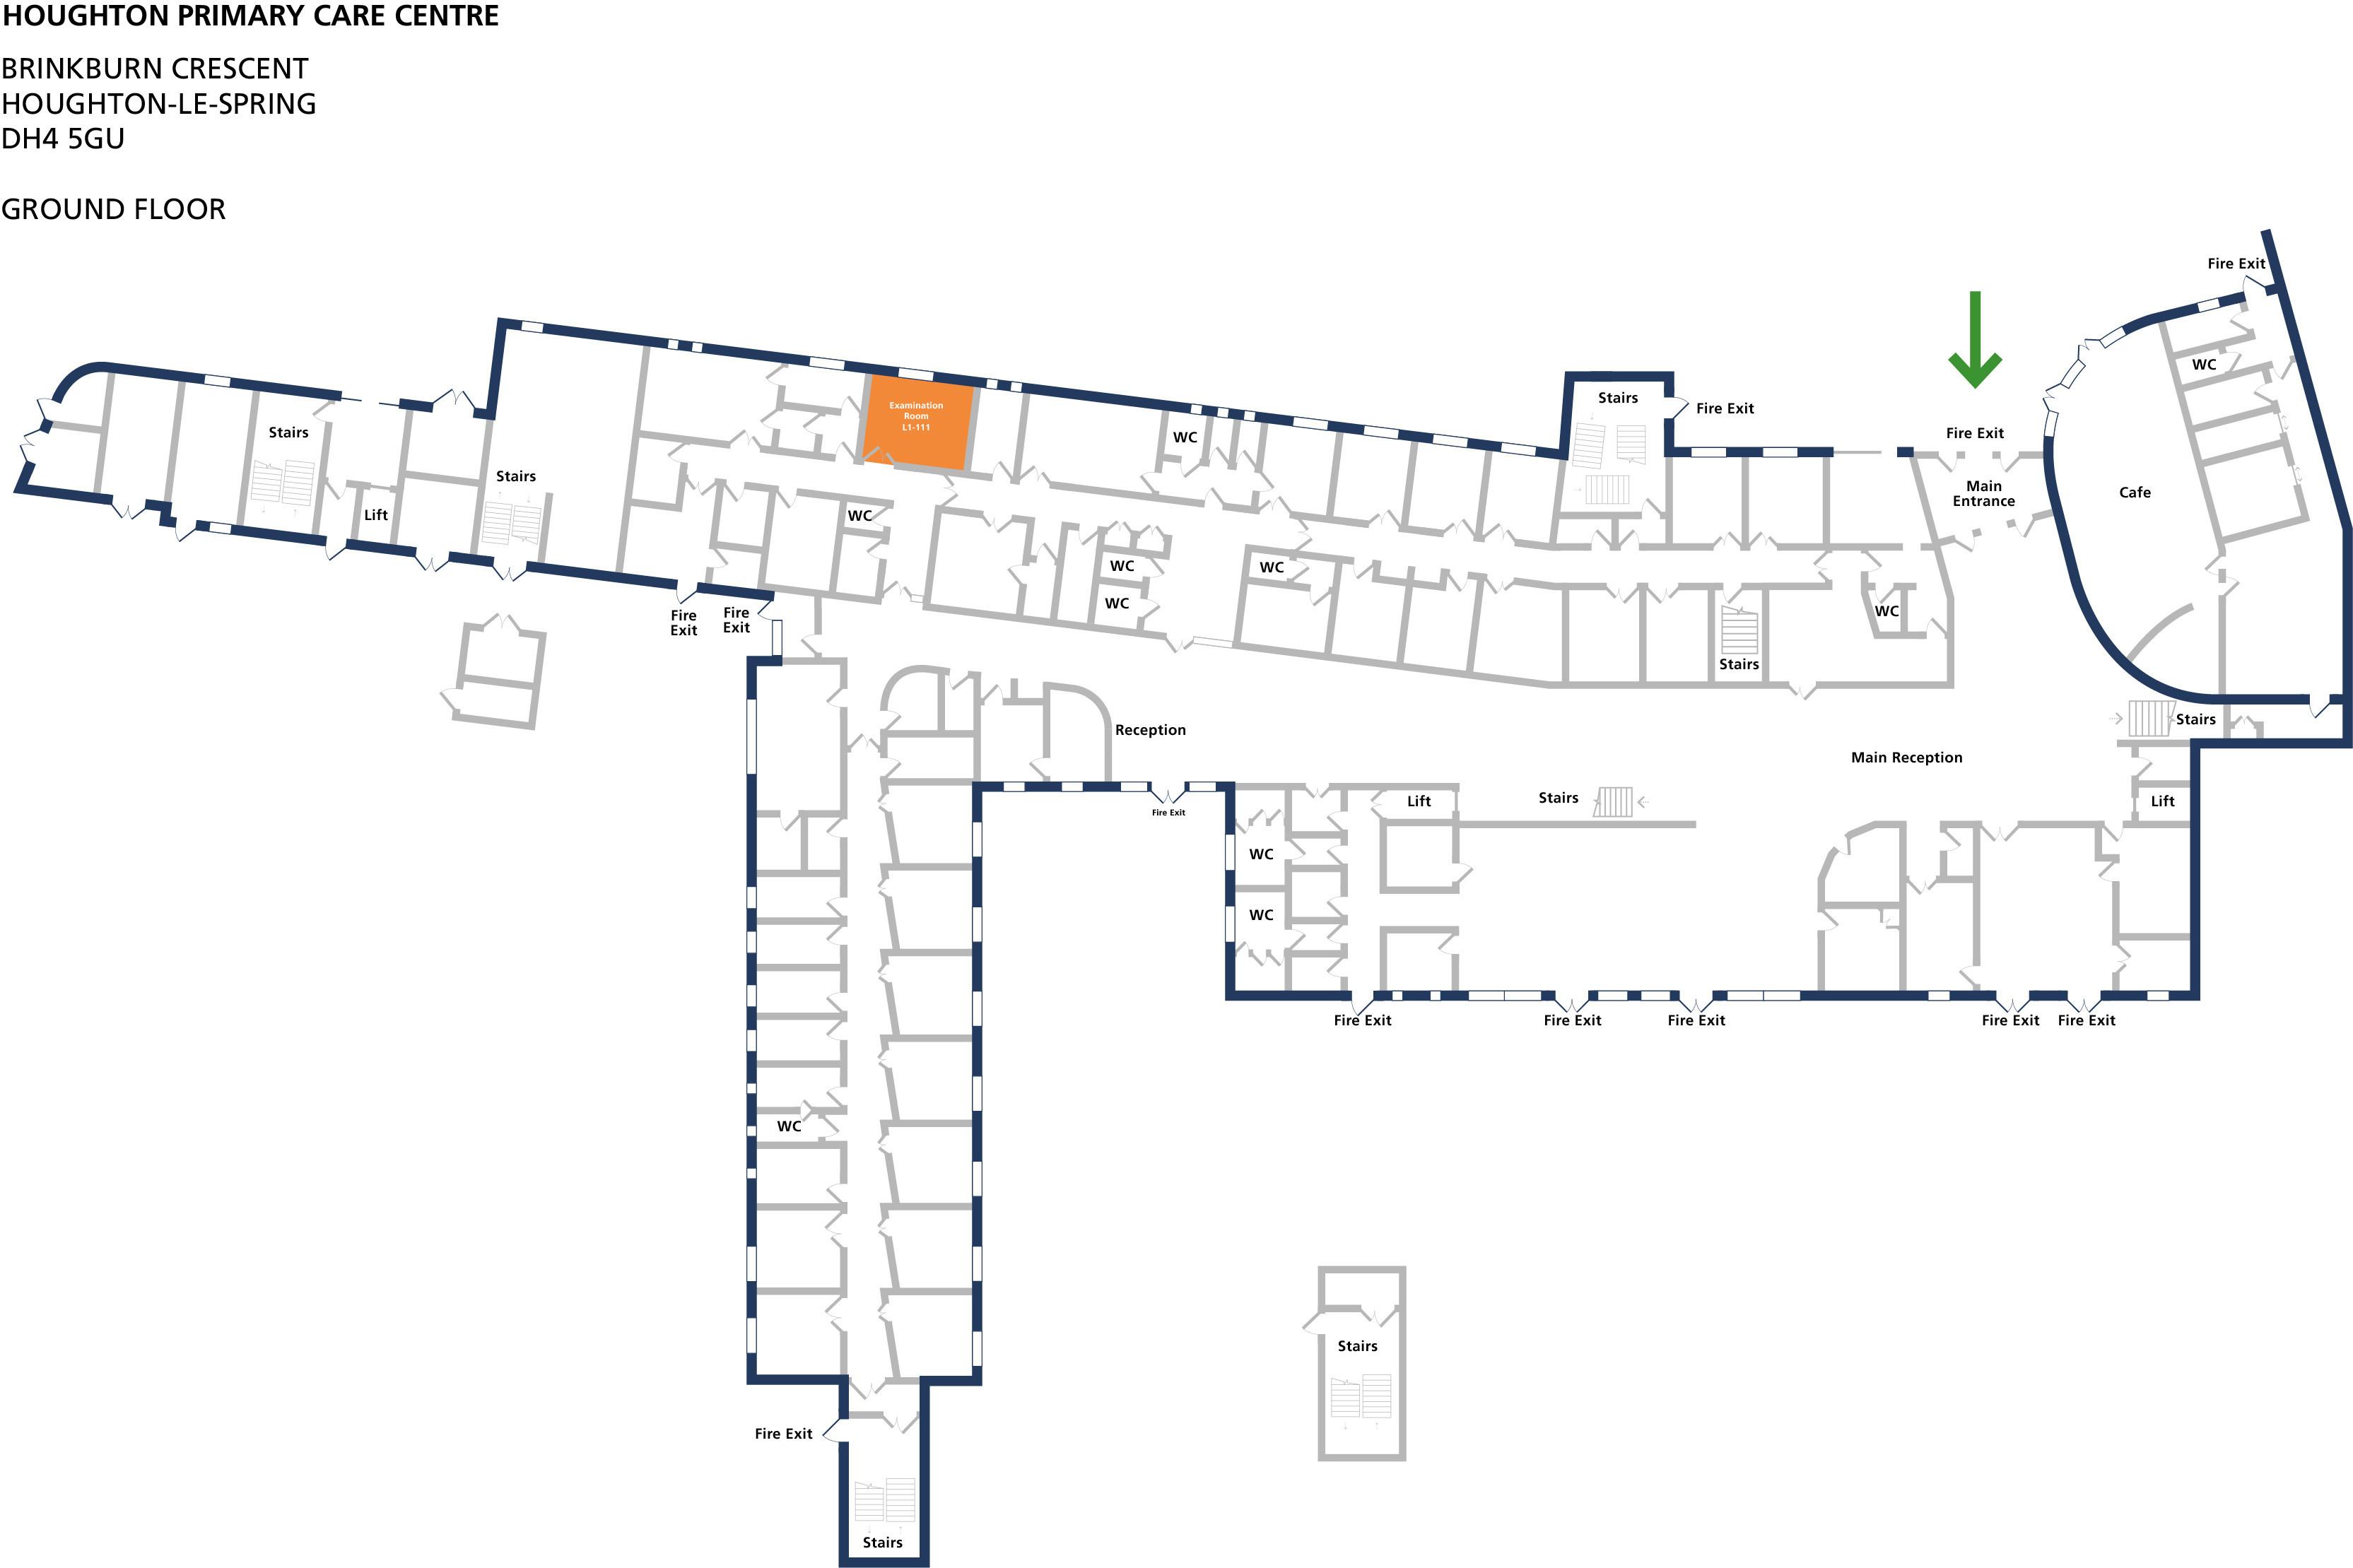 Examination room 111